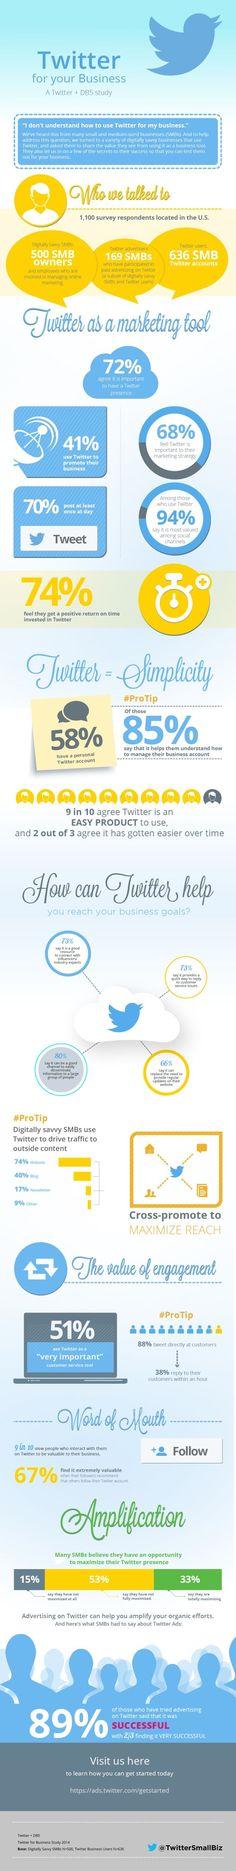 How to Use #Twitter for Business #socialmedia #infographic hotinsocialmedia.com